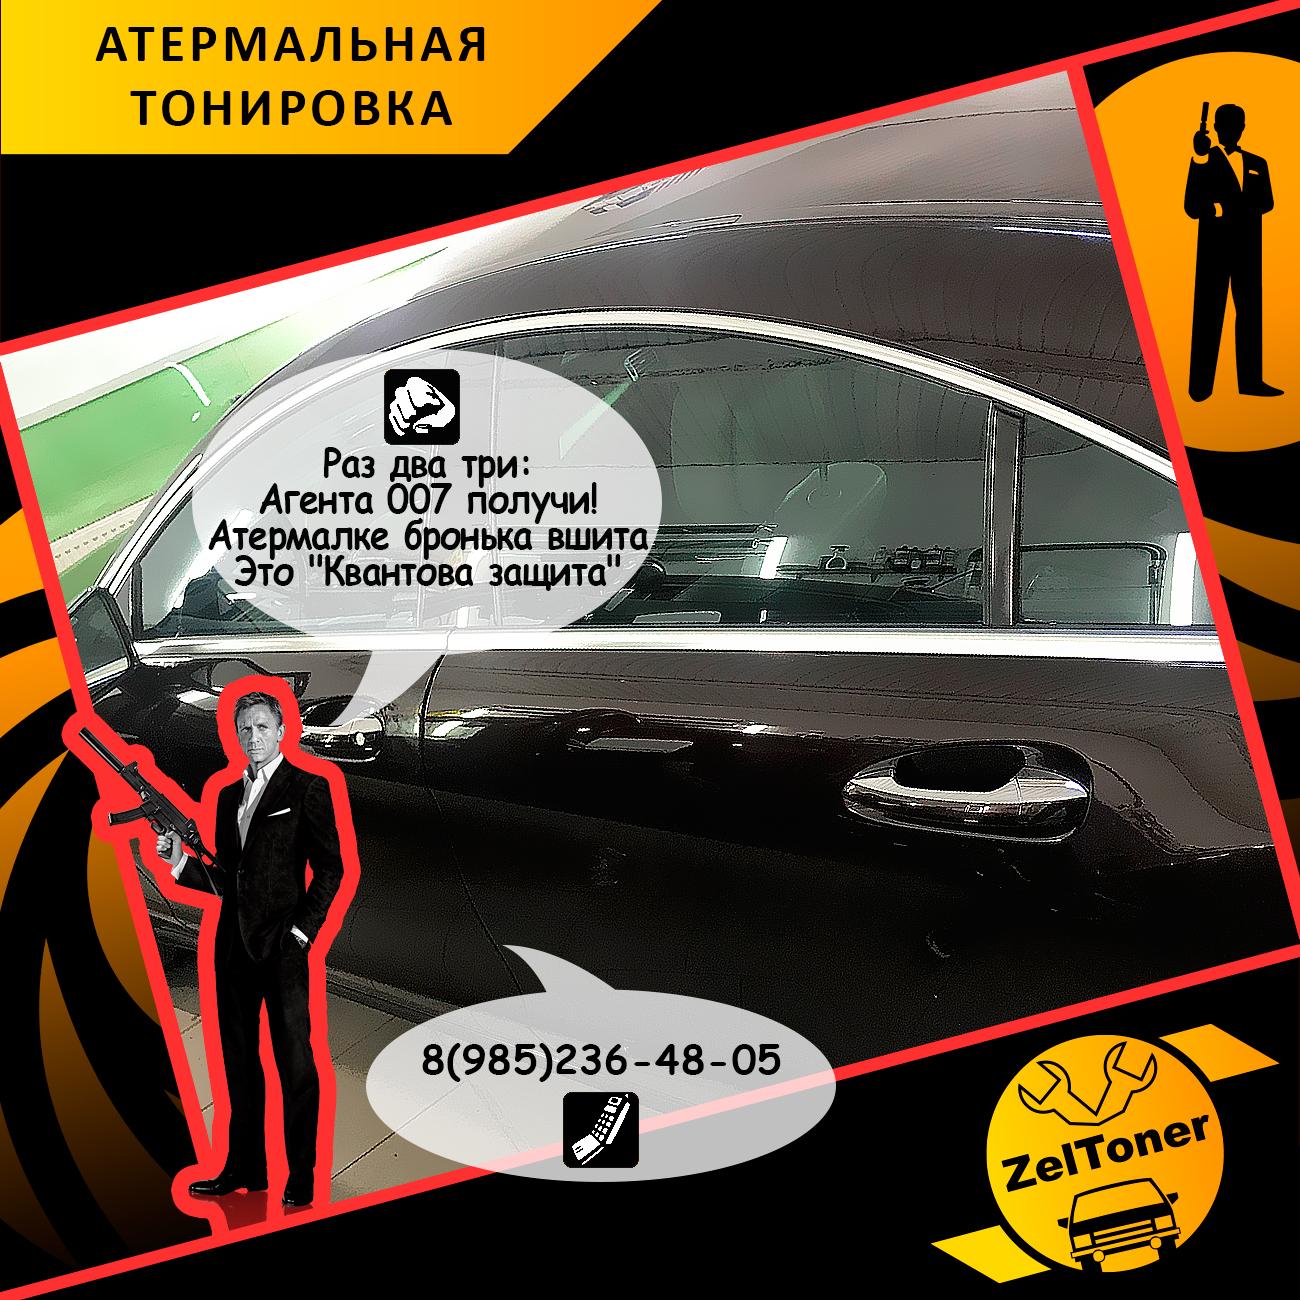 Атермальная тонировка   Изготовлена по ГОСТ   Оптимальная защита автостекла и водителя